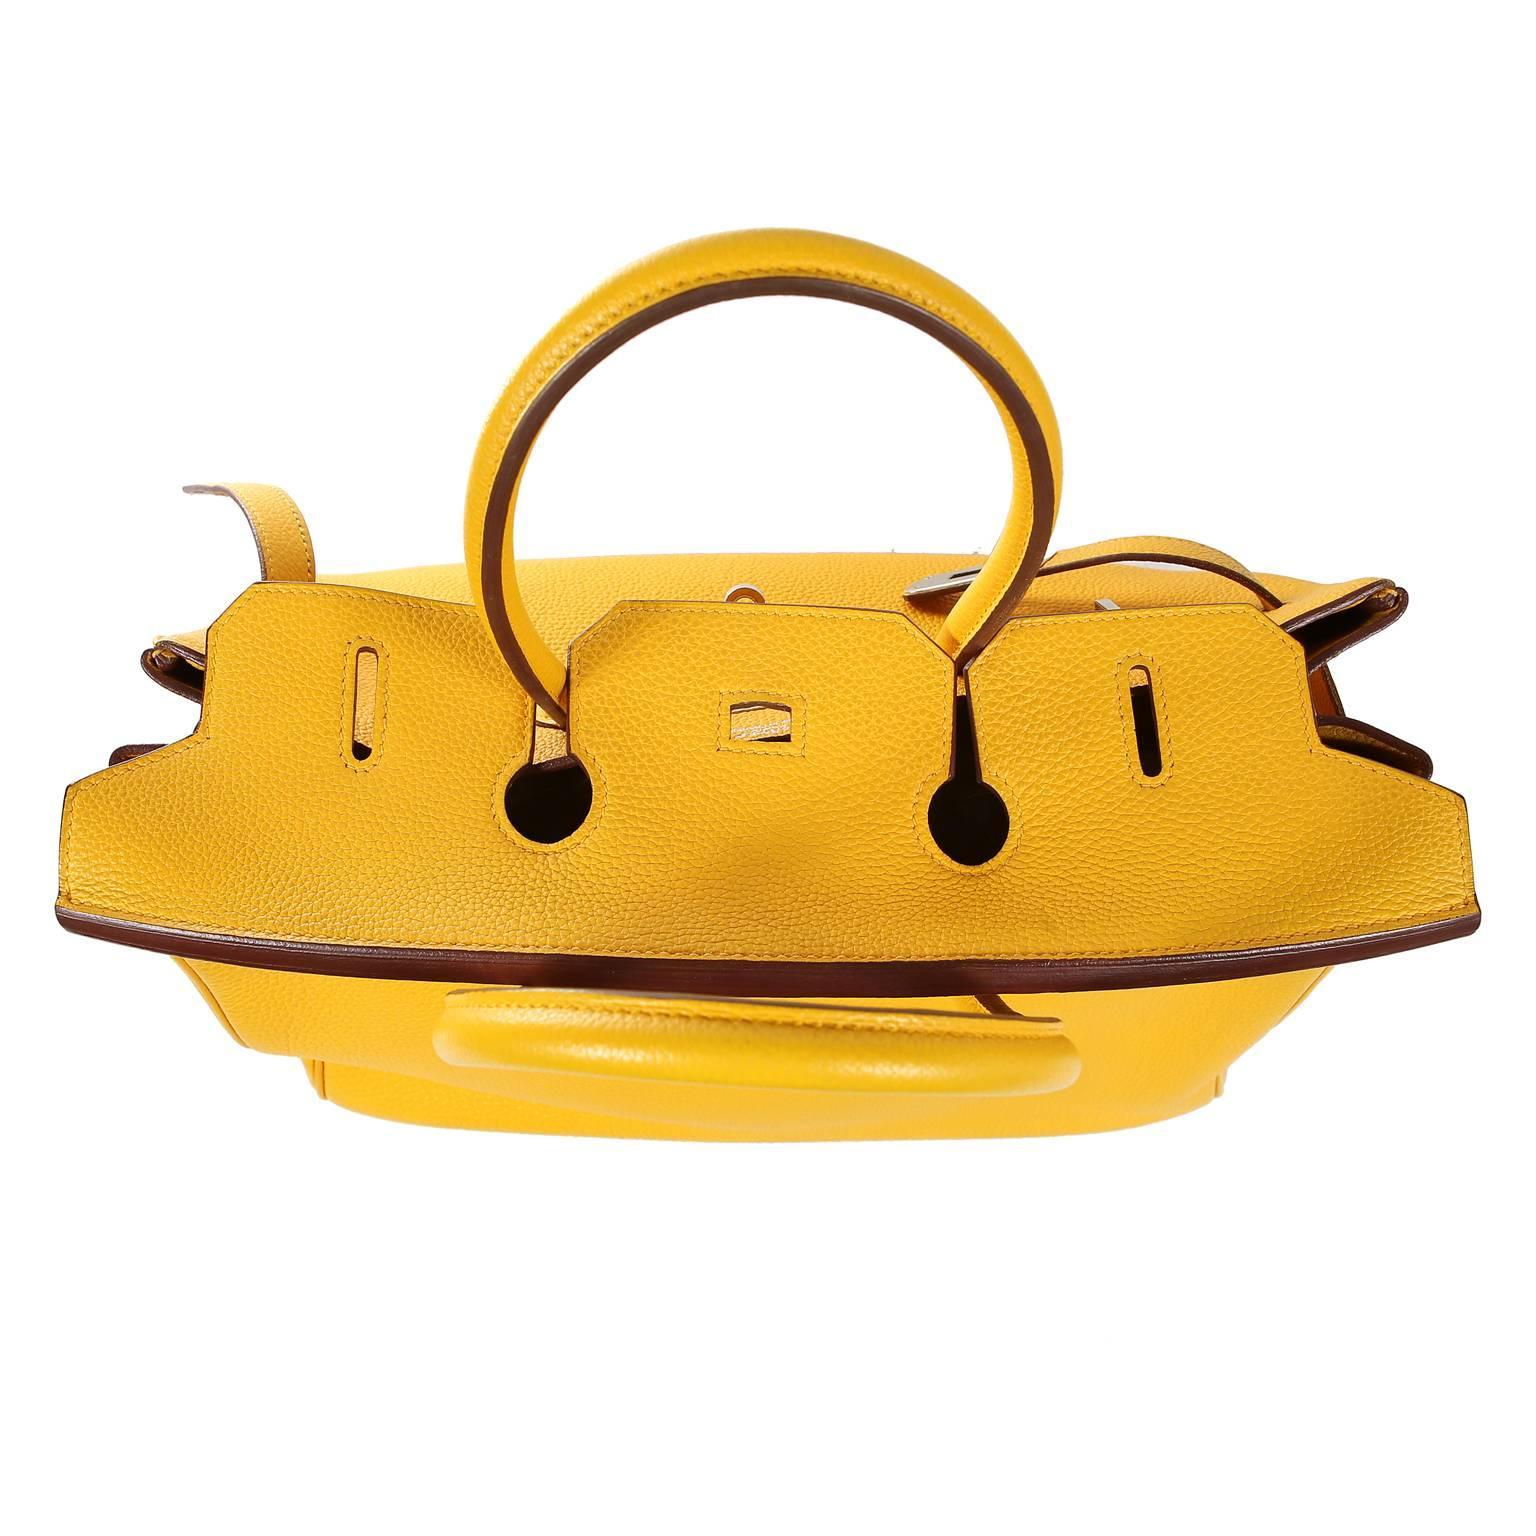 16728fcccd76 ... best hermès soleil yellow togo 35cm birkin bag with palladium for sale  5 aef1f 21297